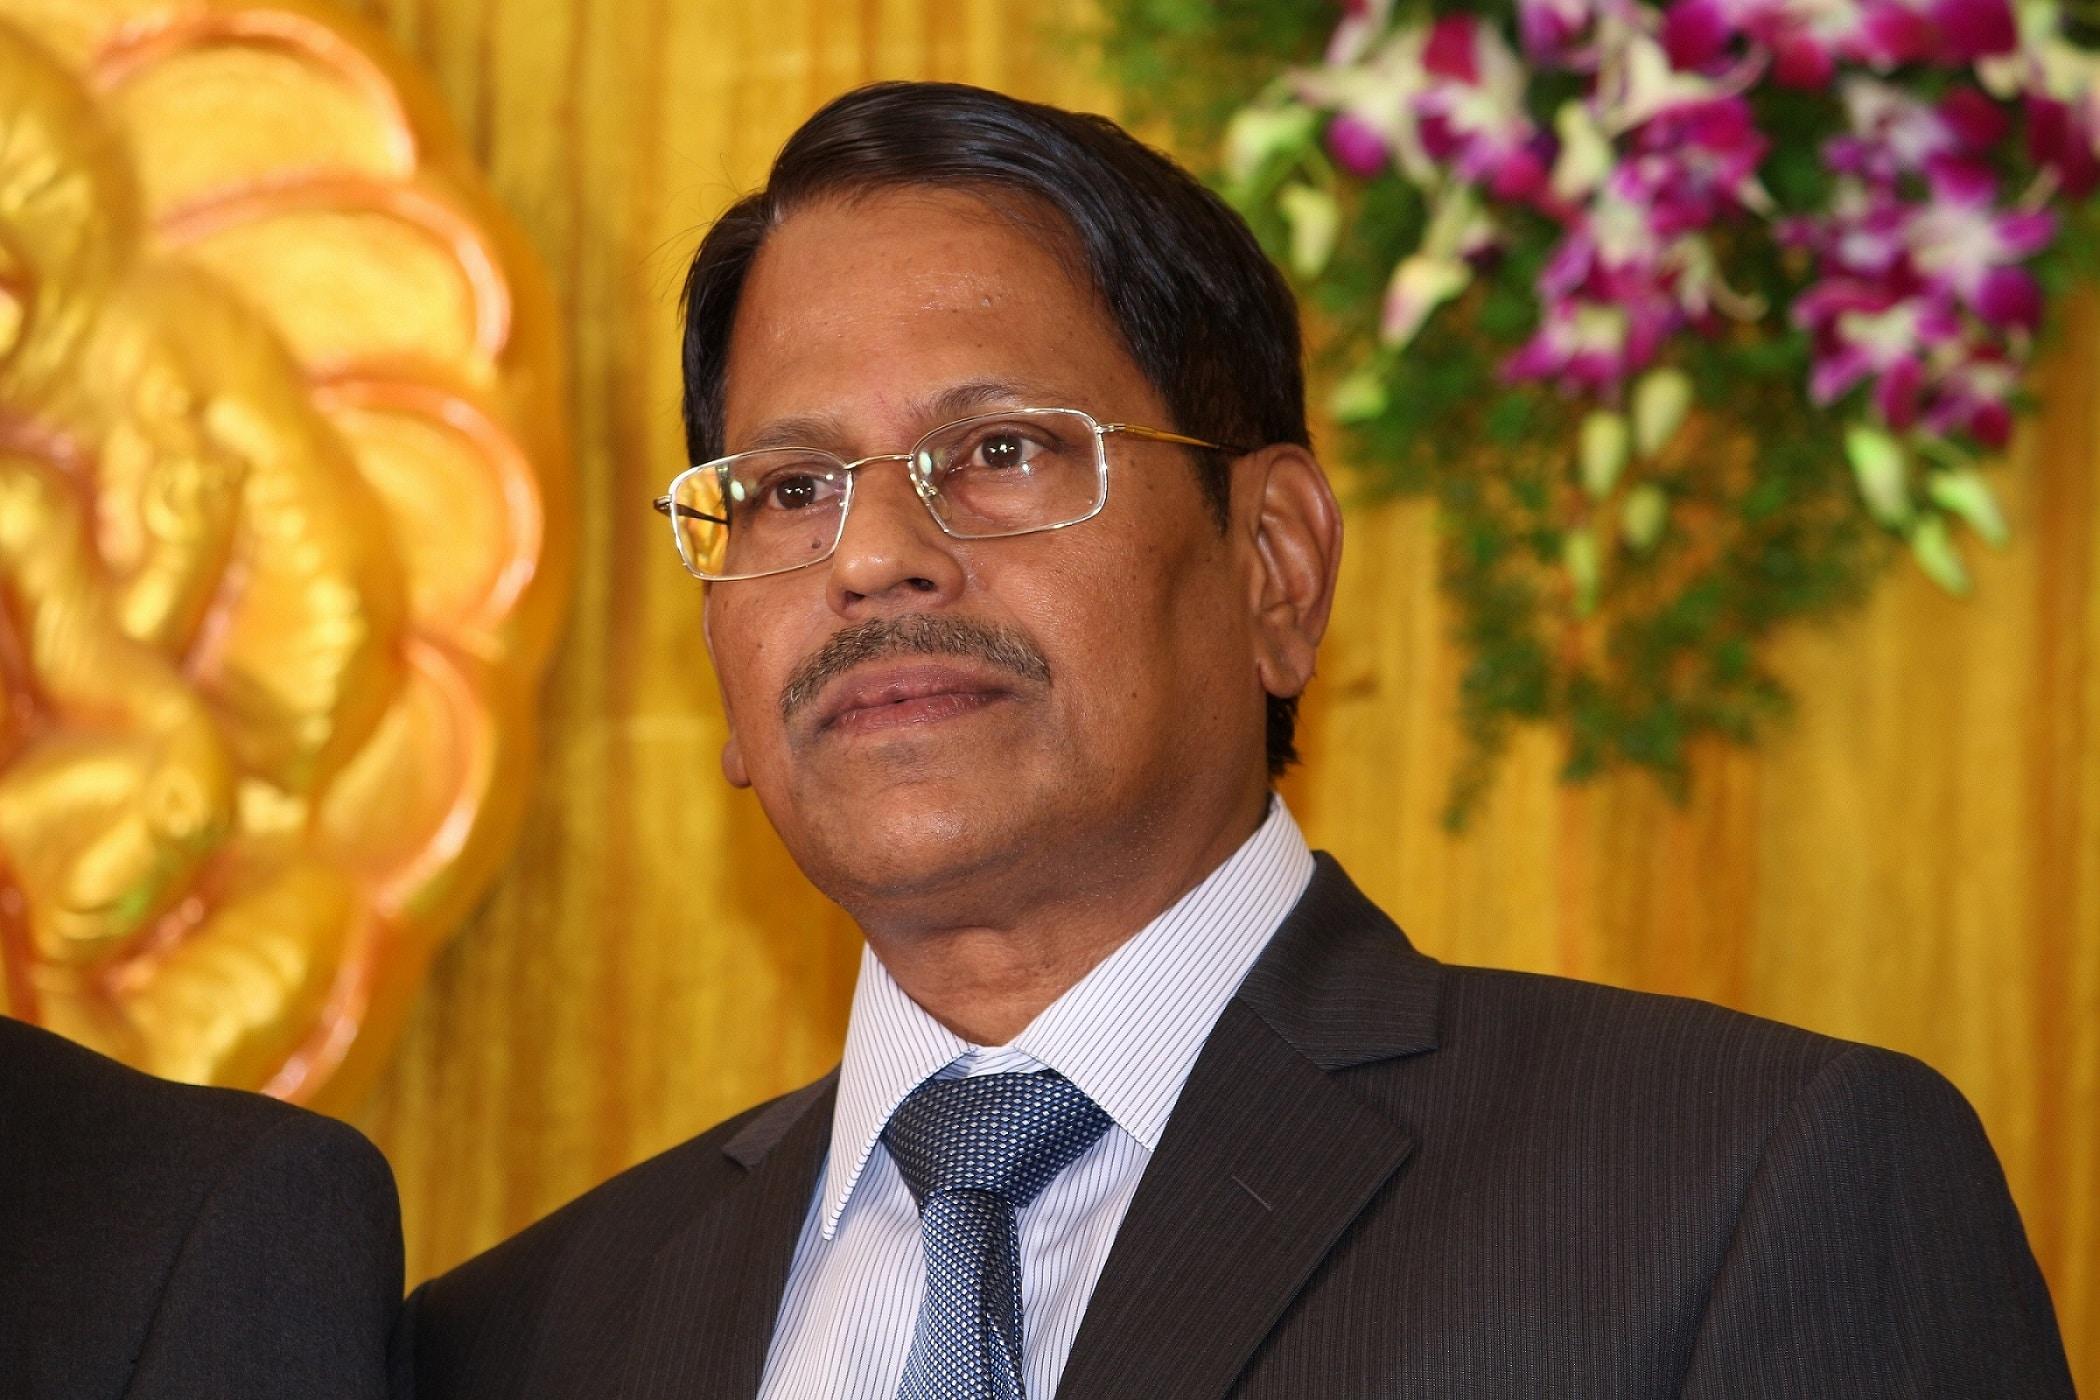 Go to Eswaran Natarajan's profile